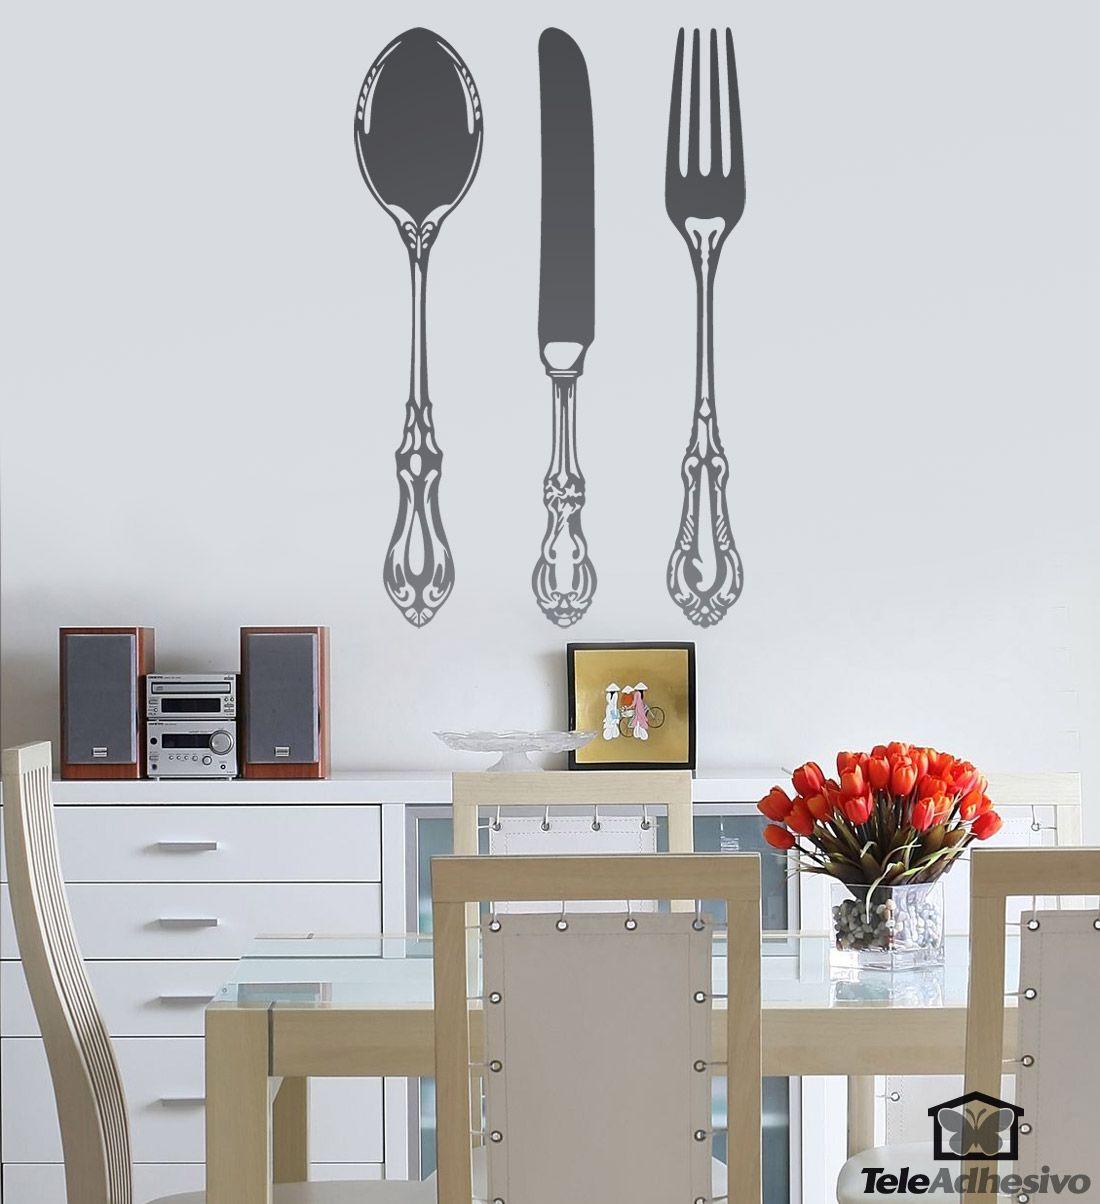 Vinilo decorativo Cuchara, cuchillo y tenedor  Vinilos, Vitrinas